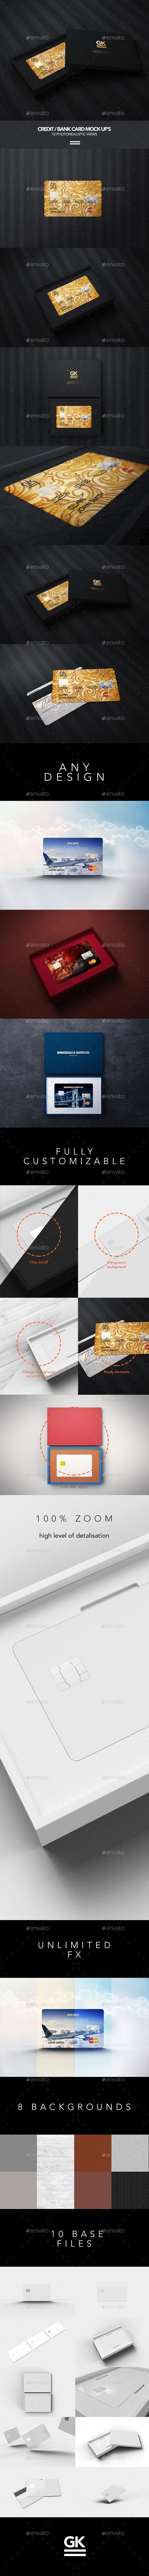 Bank credit card mockup mockup logos and template